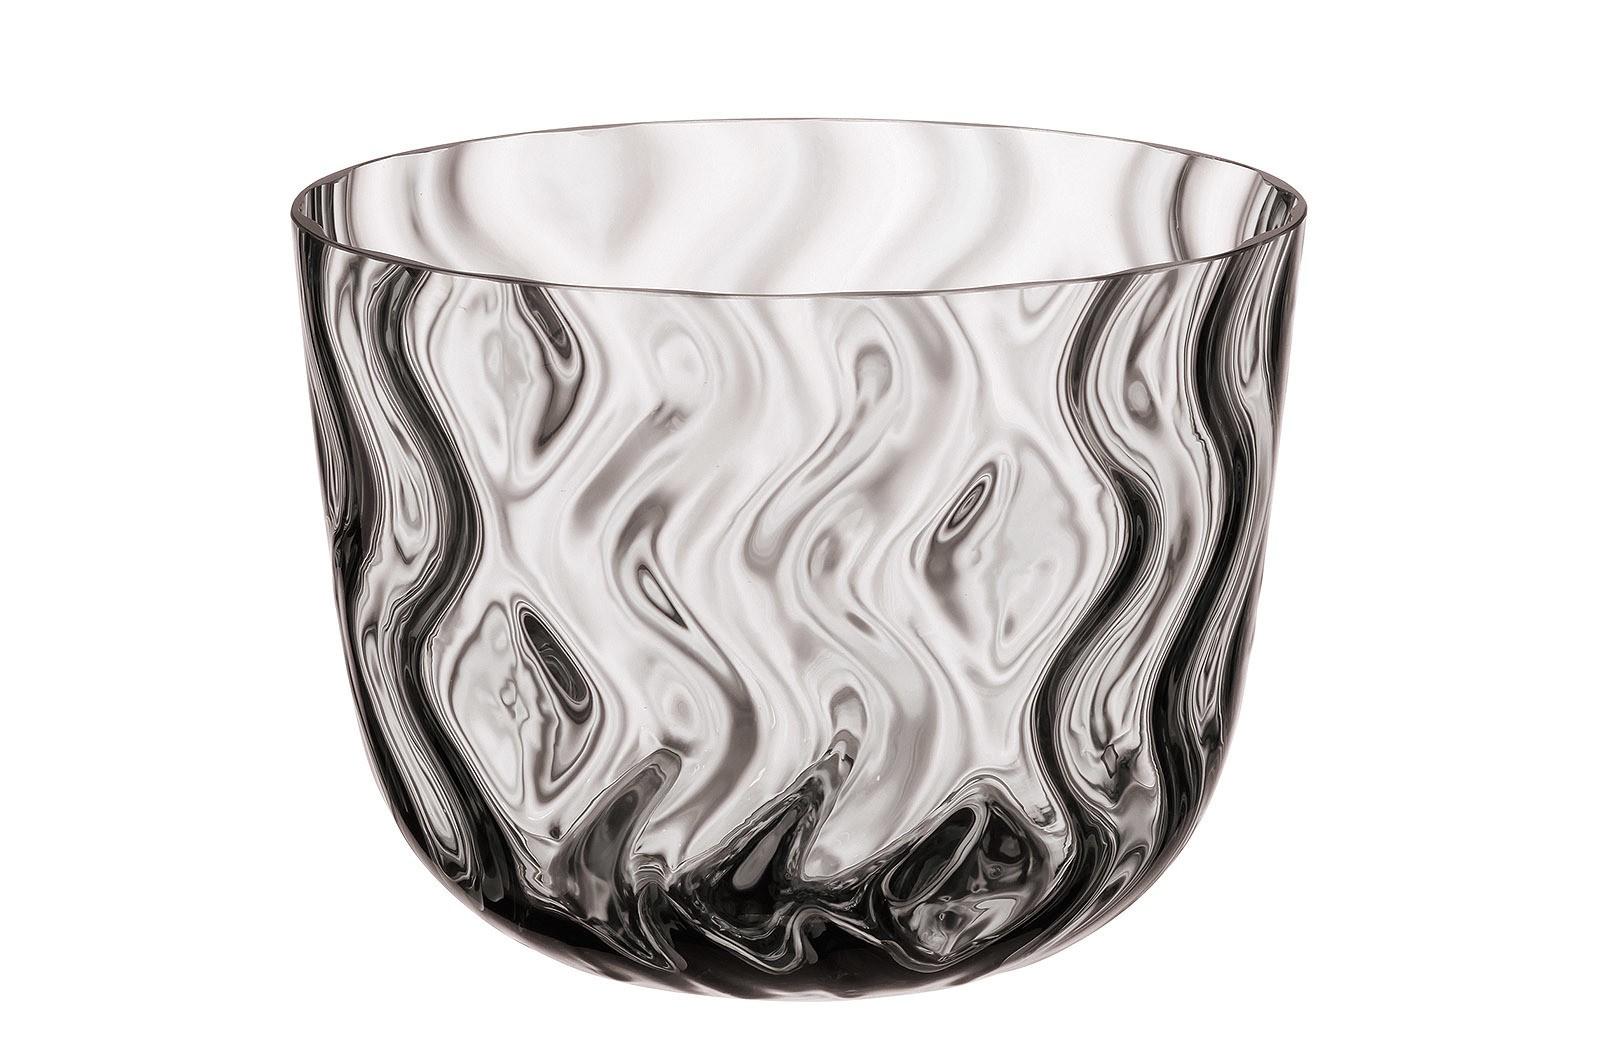 Κουπ Optic Rhythm Black Bohemia Κρυστάλλινο 18m home   κρυσταλλα  διακοσμηση   κρύσταλλα